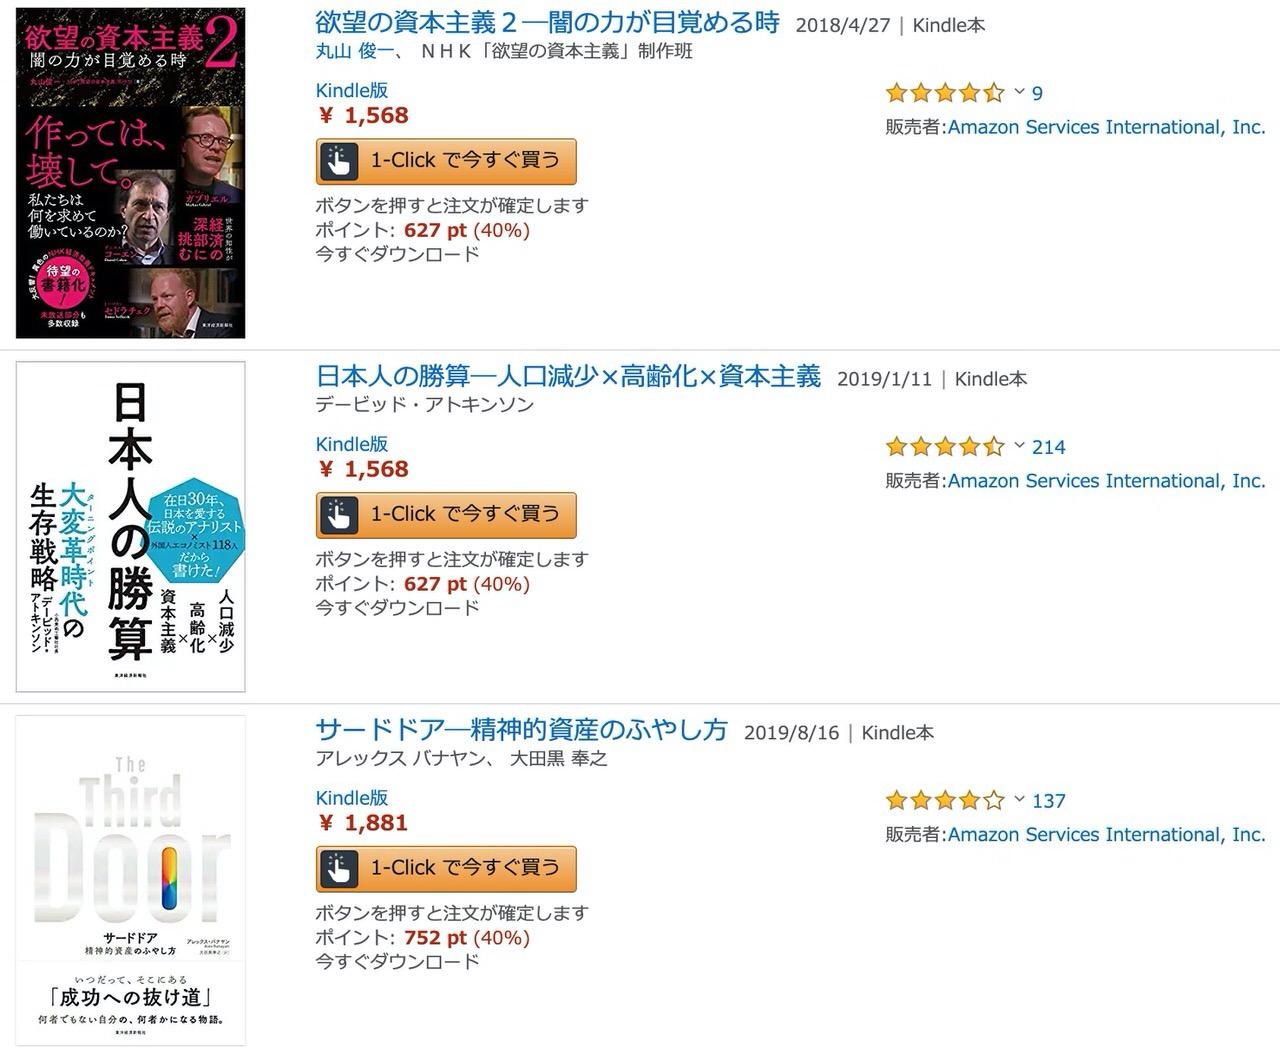 【Kindleセール】欲望の資本主義、日本人の勝算、サードドアなど約170冊が40%ポイント還元「2019東洋経済ベストセラー」(3/5まで)